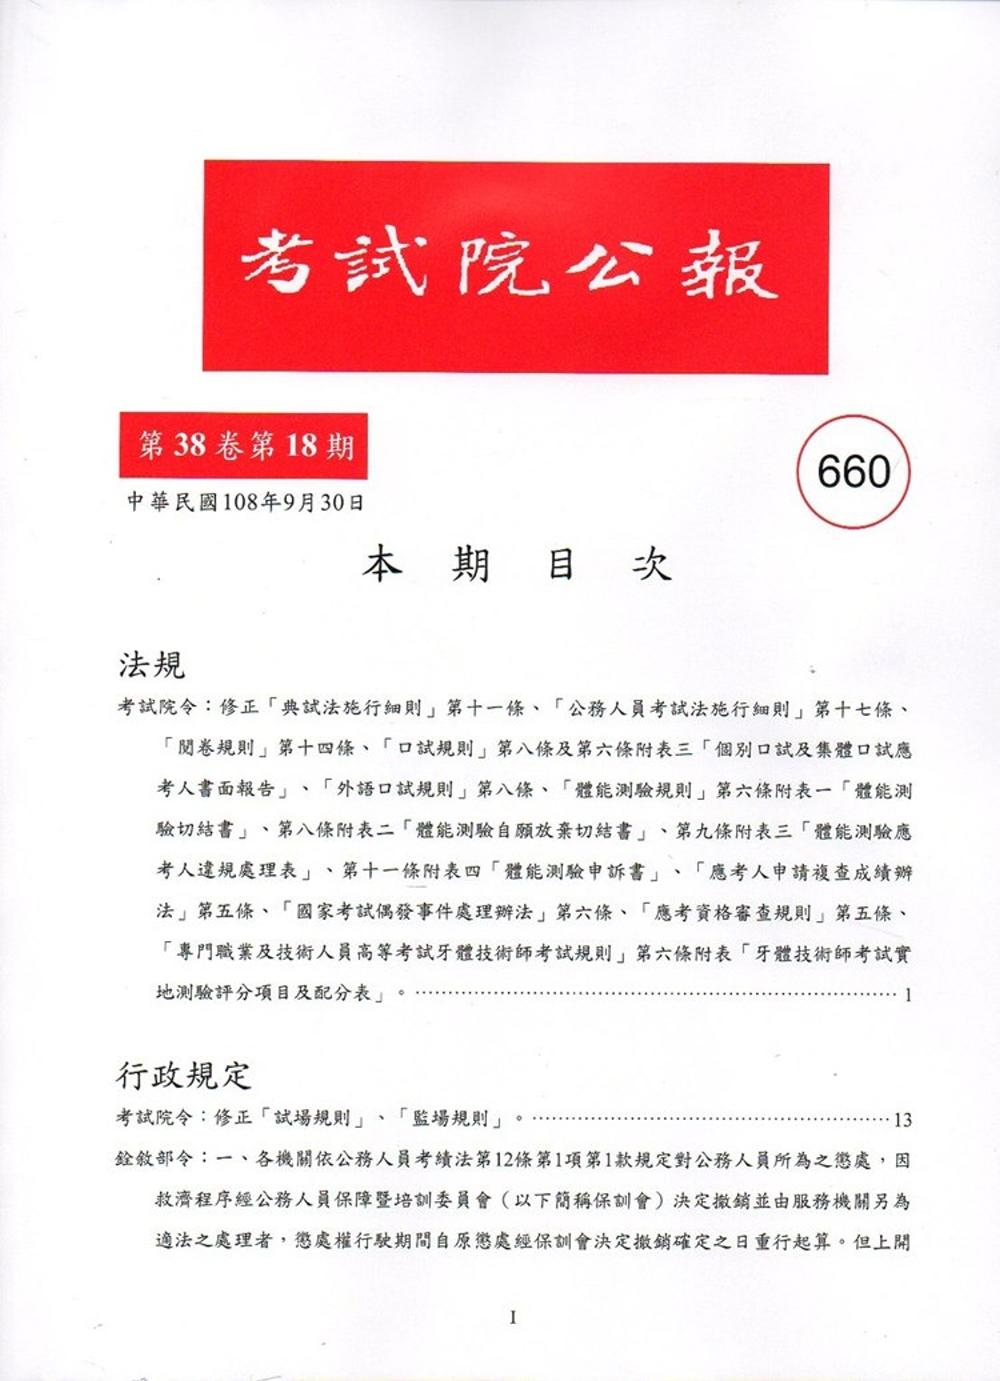 考試院公報第38卷18期-660